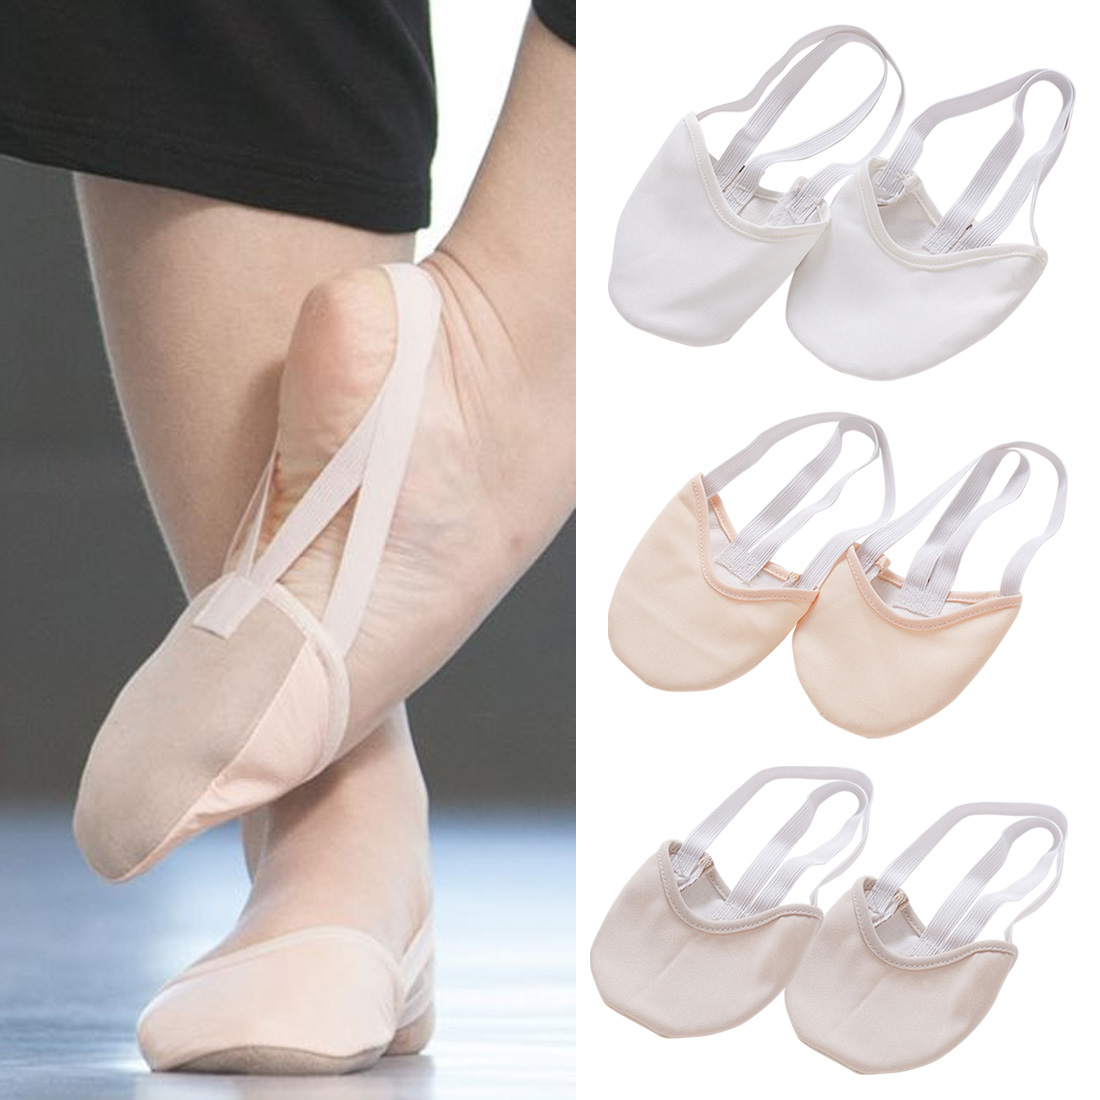 뜨거운 절반 길이 리듬 체조 신발 Roupa Ginastica 어린이 성인 체조 돼지 피부 단독 신발 베이지 댄스 댄스